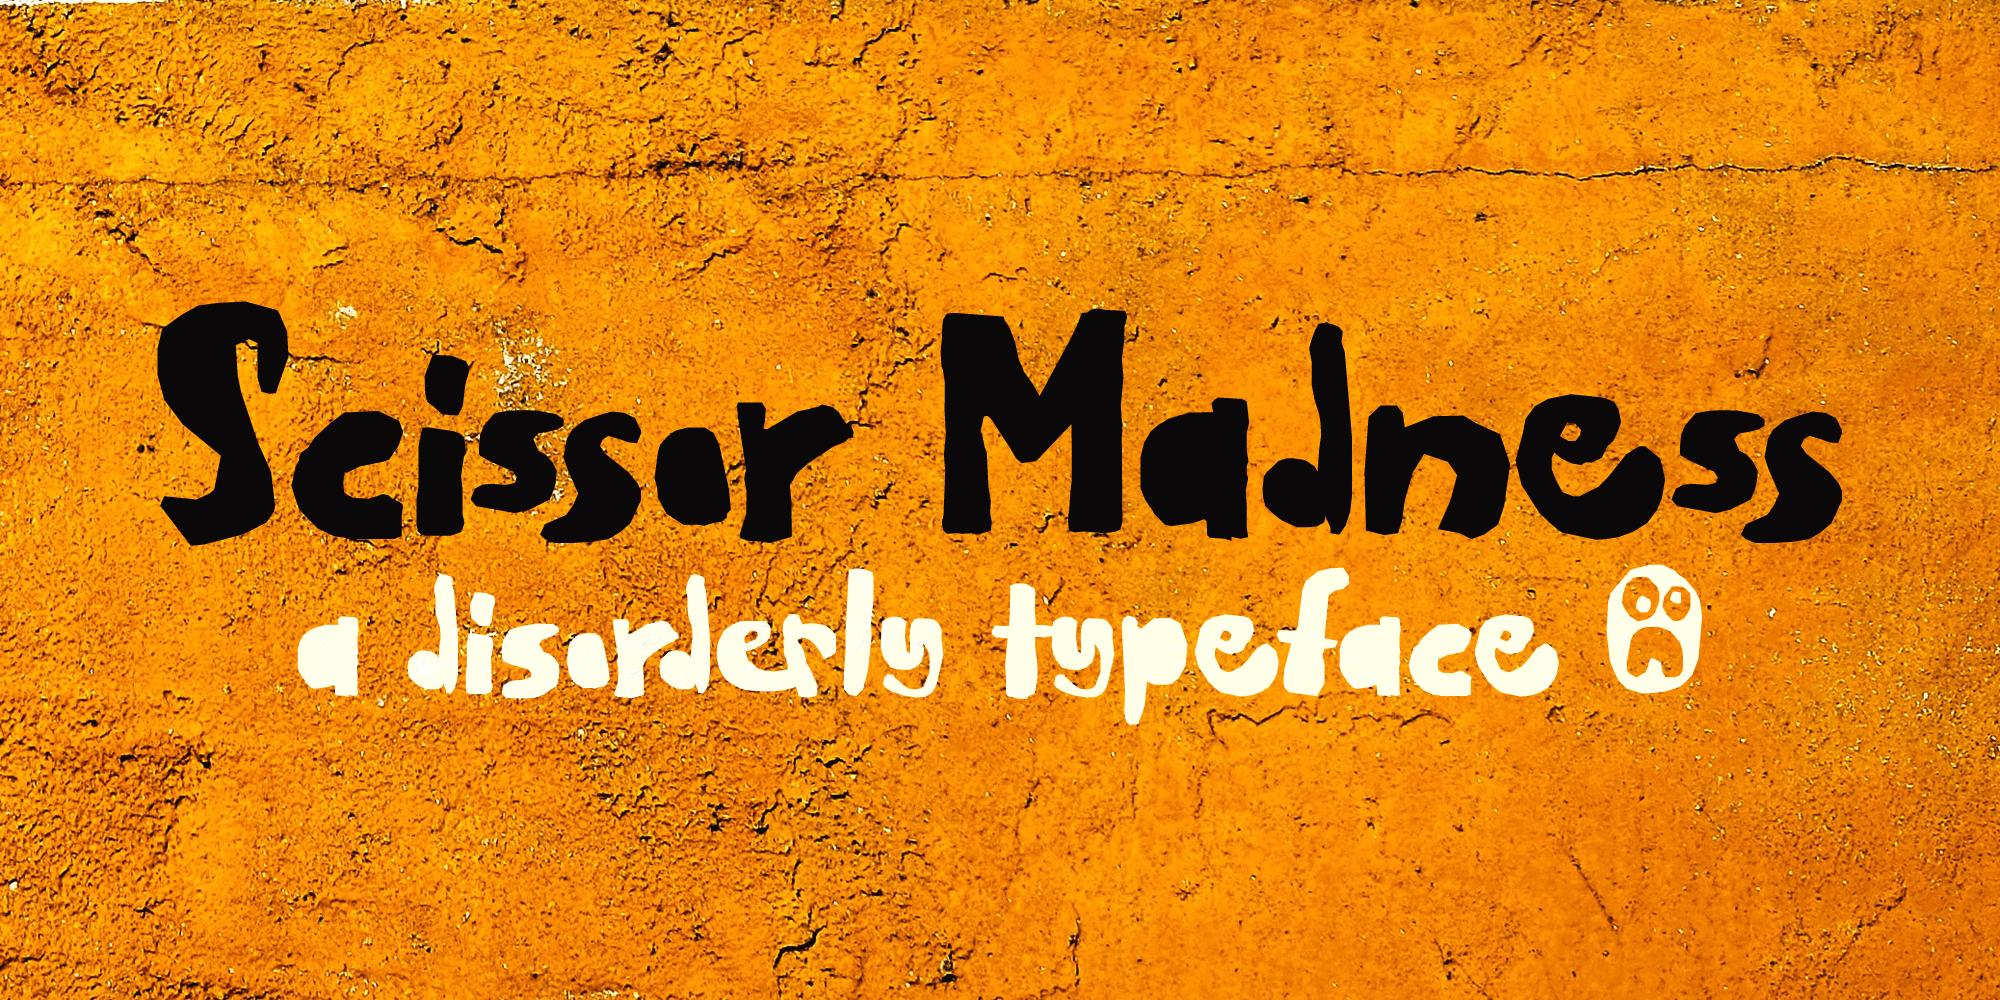 Scissor Madness